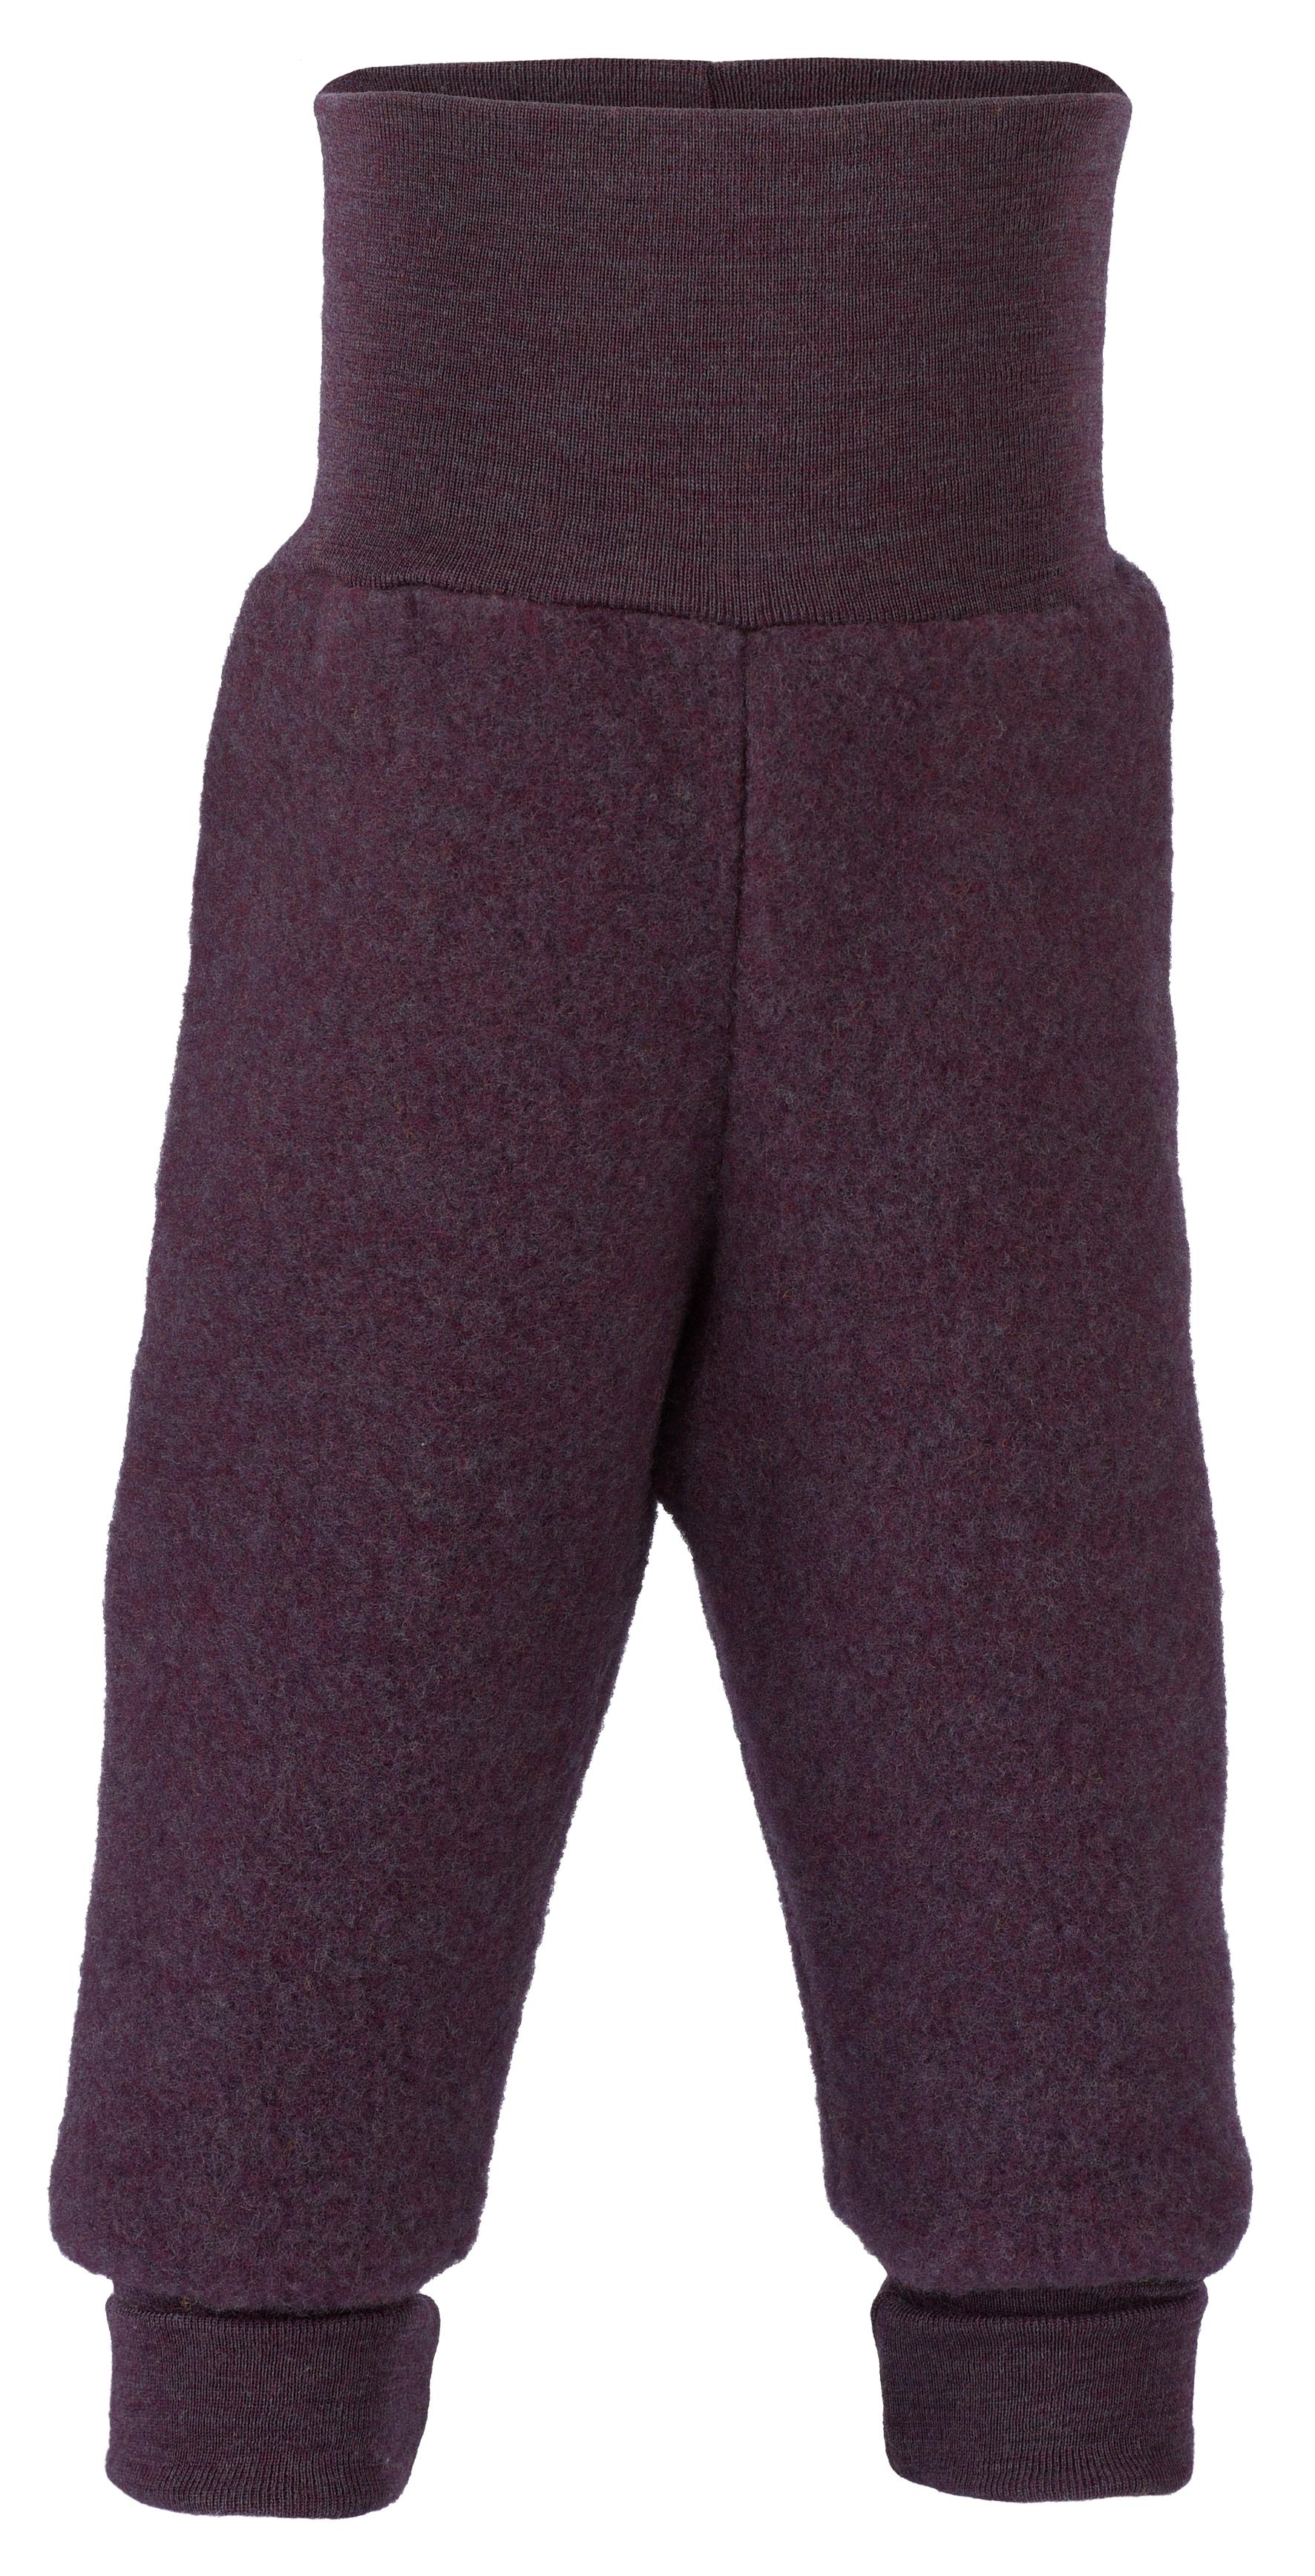 Pantalons et pantacourts ENGEL Nouveauté - Pantalon épais à large ceinture bébé en 100% laine mérinos, polaire (62 au 92)